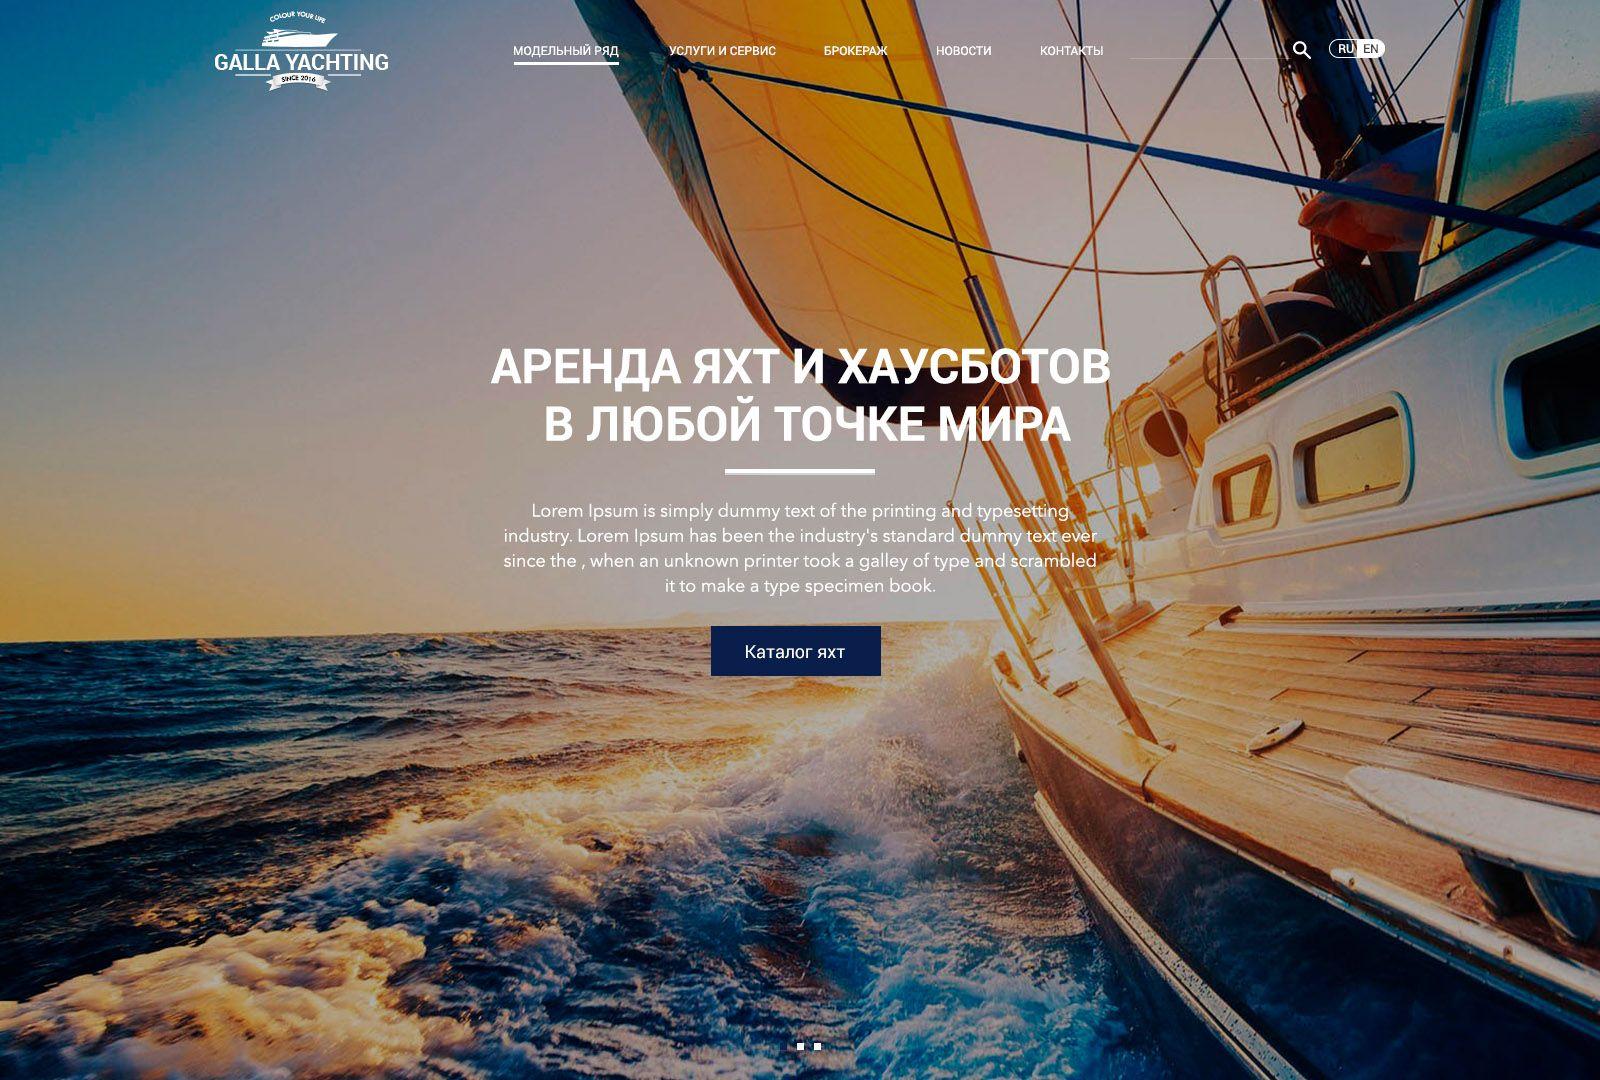 Веб-сайт для gallayachting.com - дизайнер Denistn